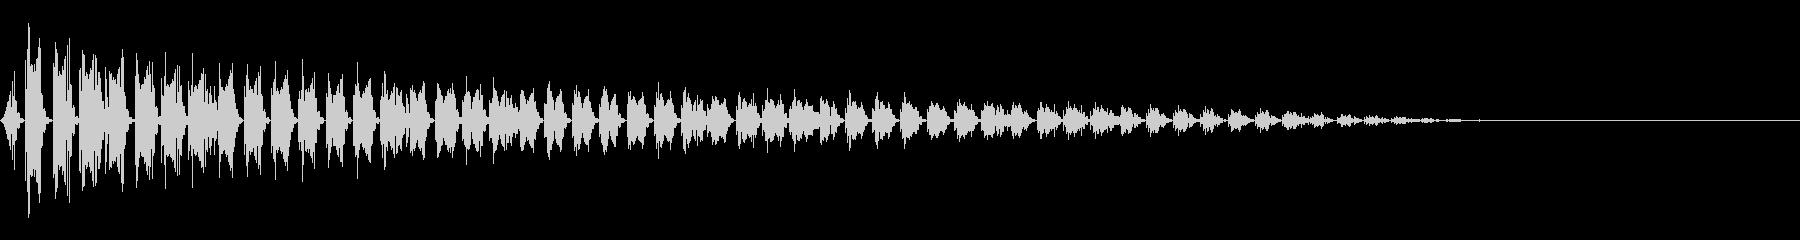 ピュードロドロ(ボス出現/死亡/レトロの未再生の波形